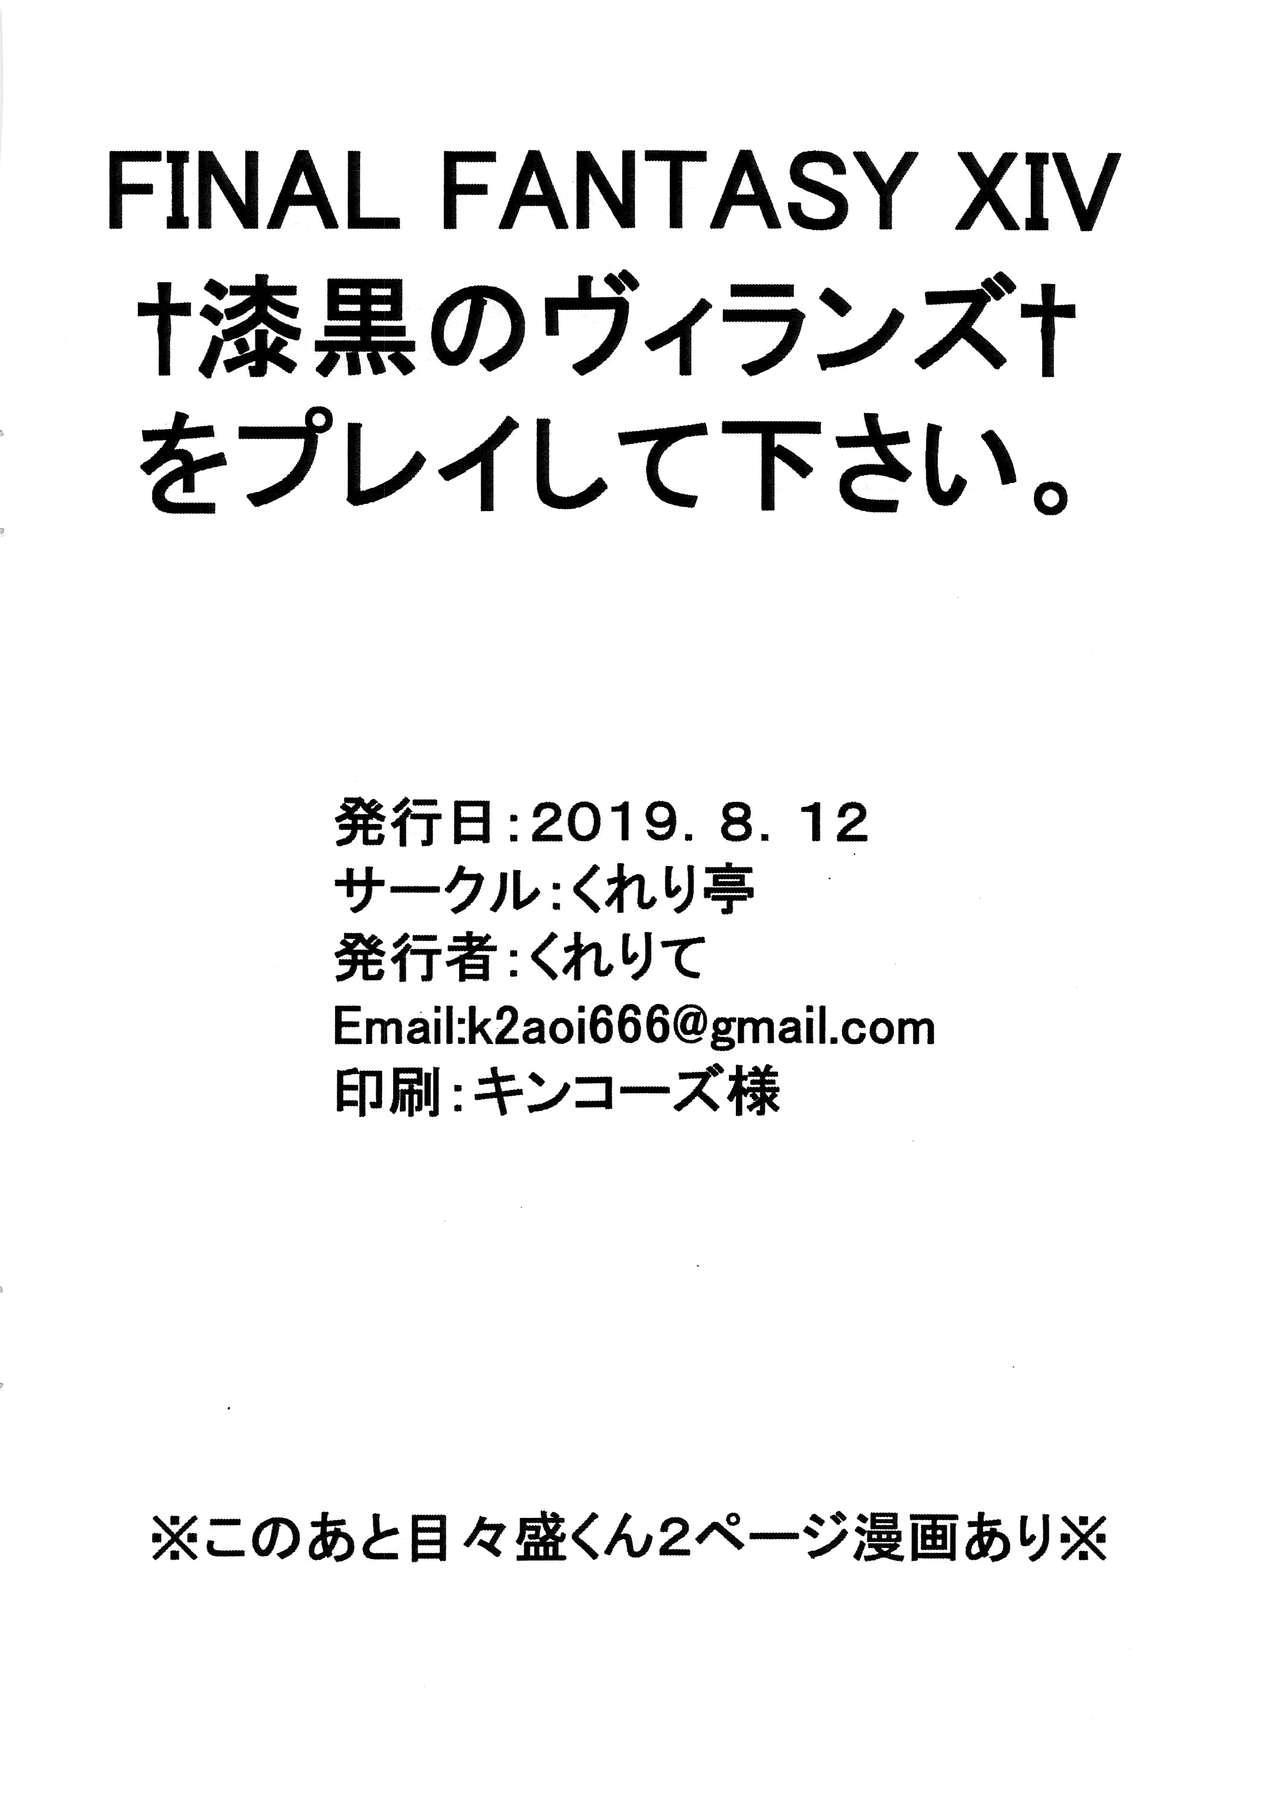 VS Gekichou MAXTMP 11